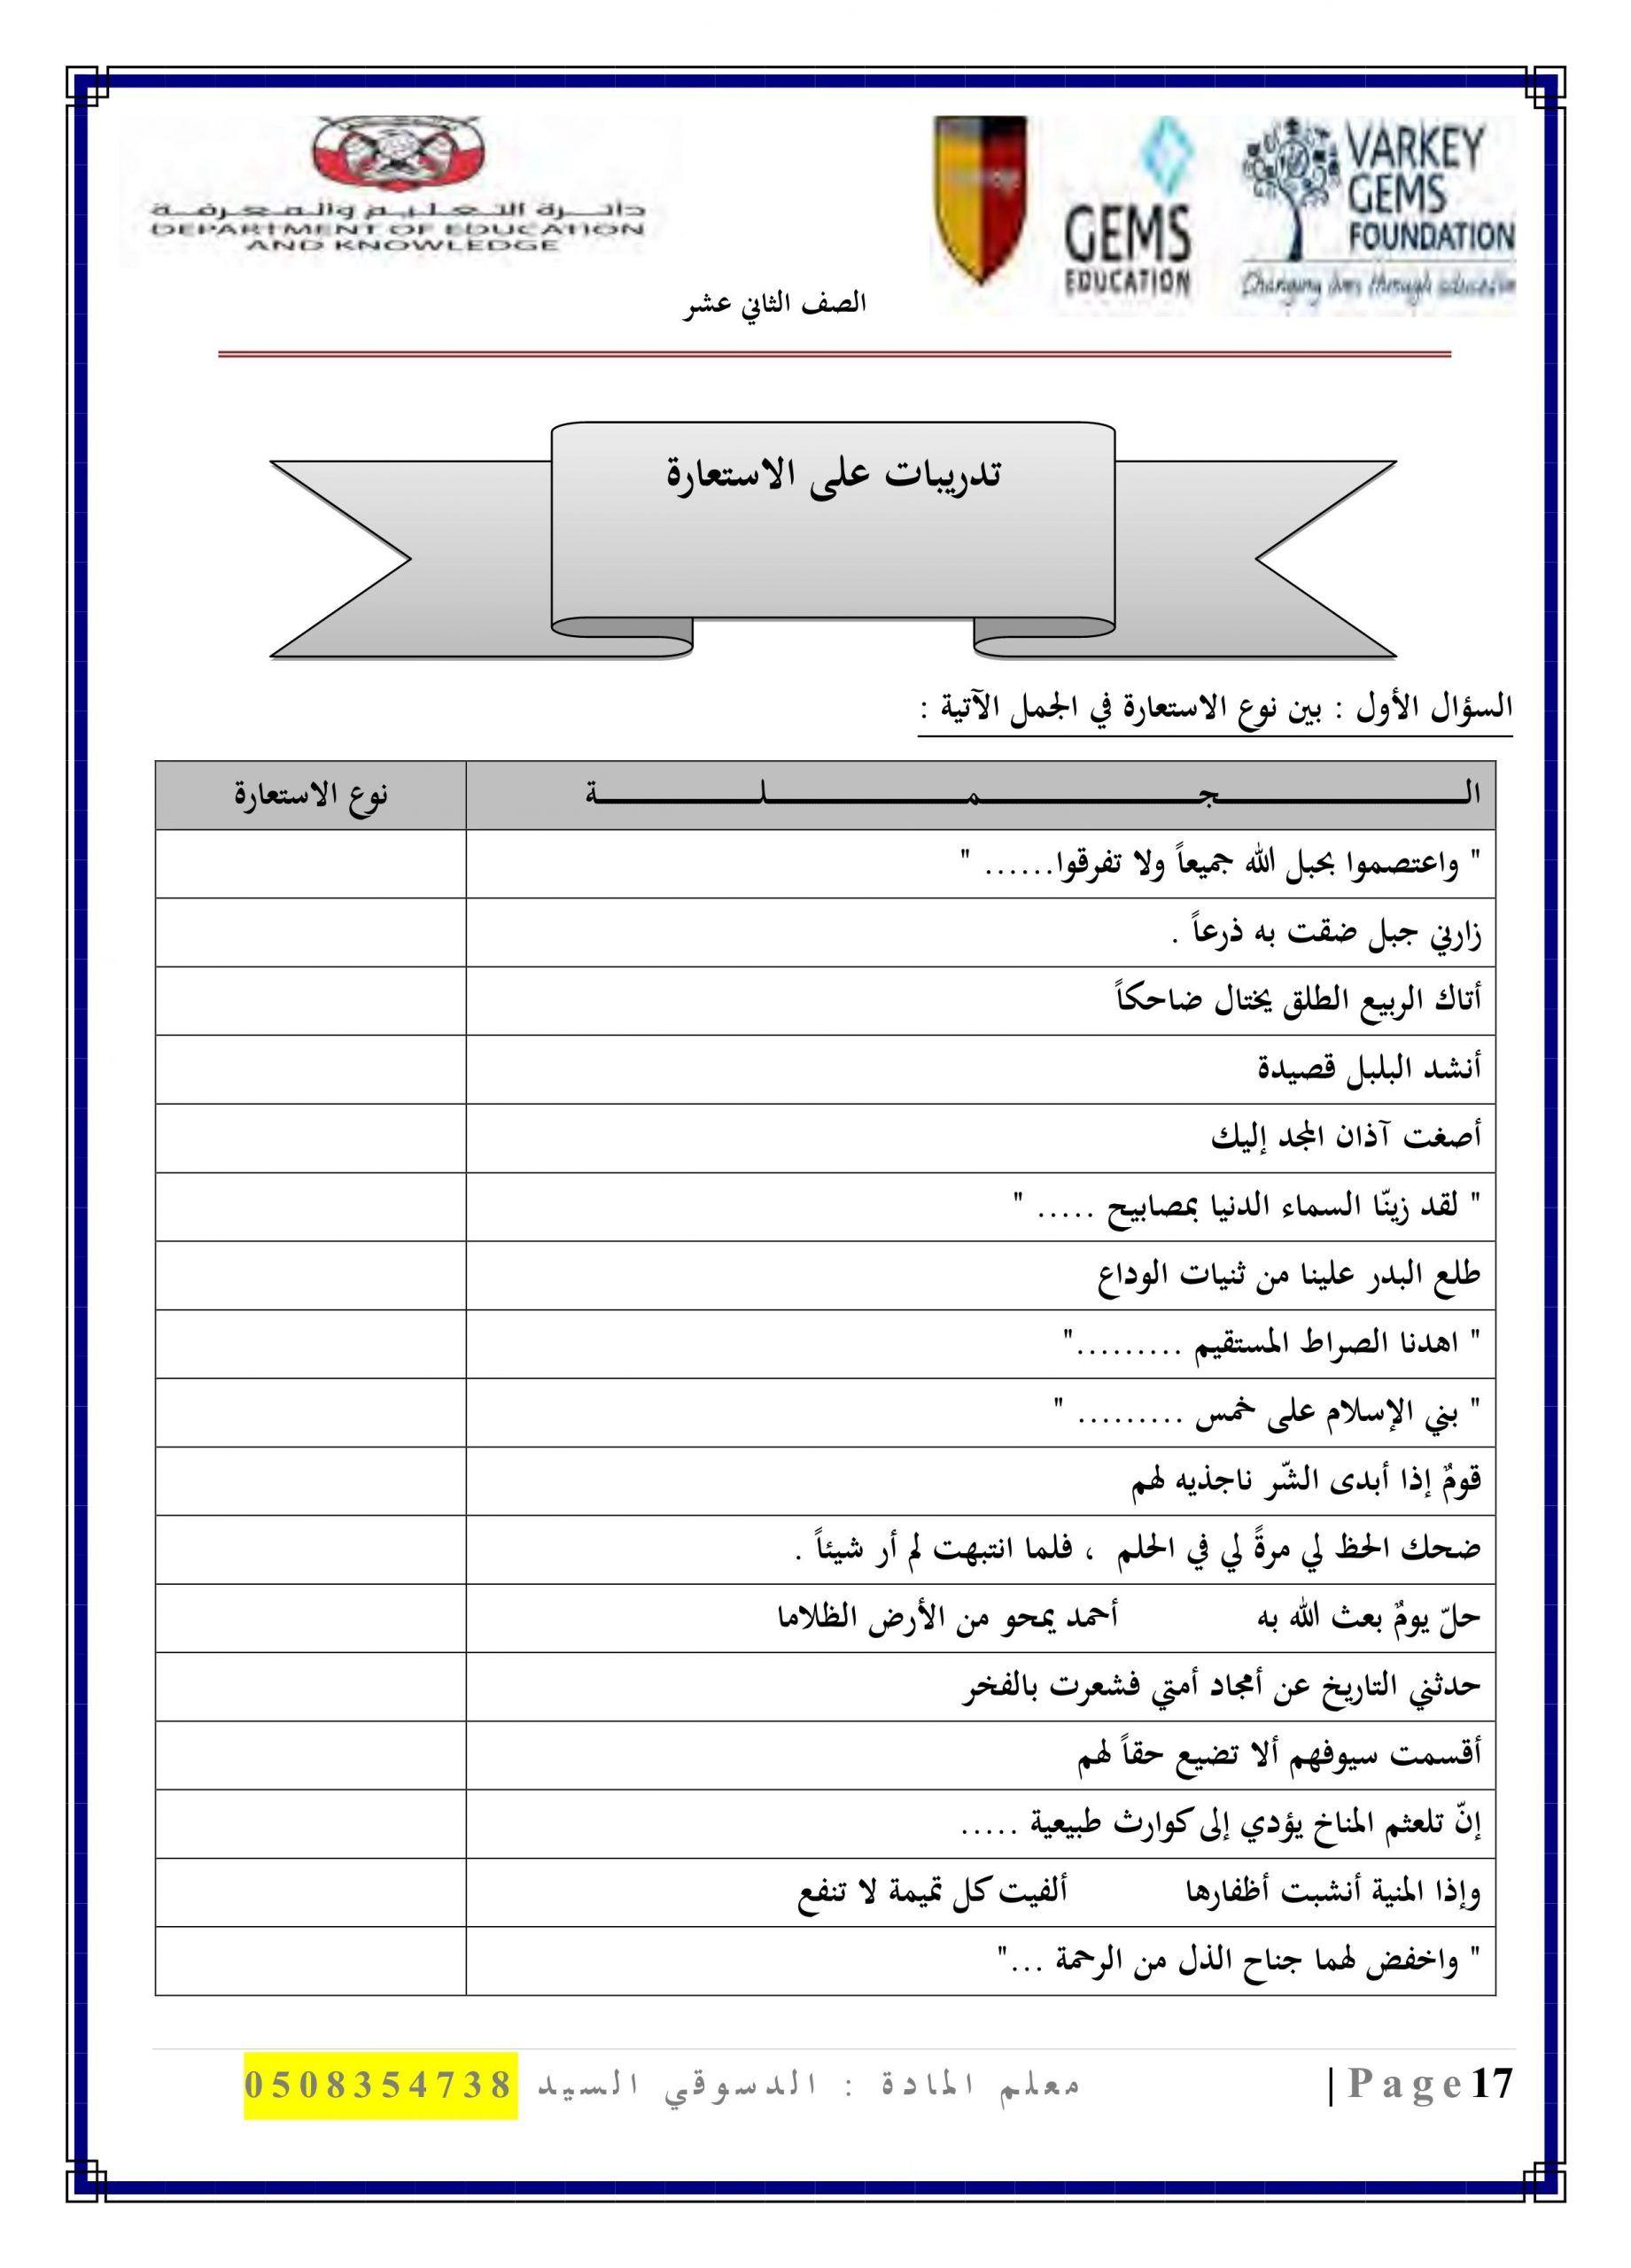 ورقة عمل درس الاستعارة الصف الثاني عشر مادة اللغة العربية Education Foundation Map